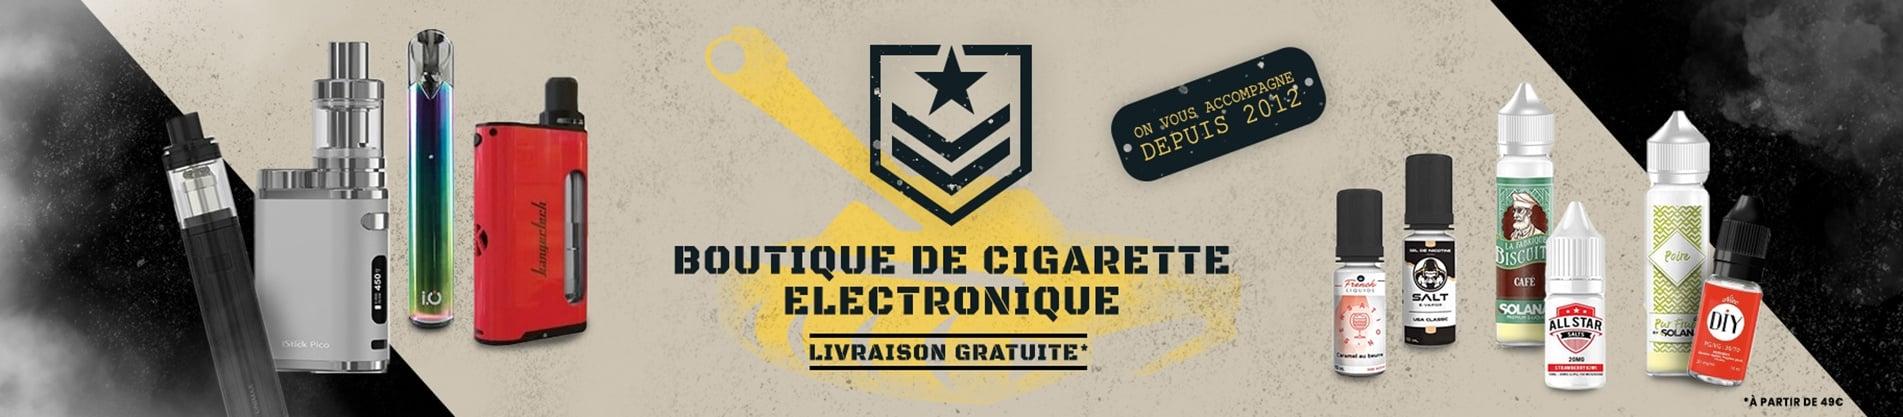 banniere vapotank 1 - Boutique de cigarette électronique, eliquides à pas cher.